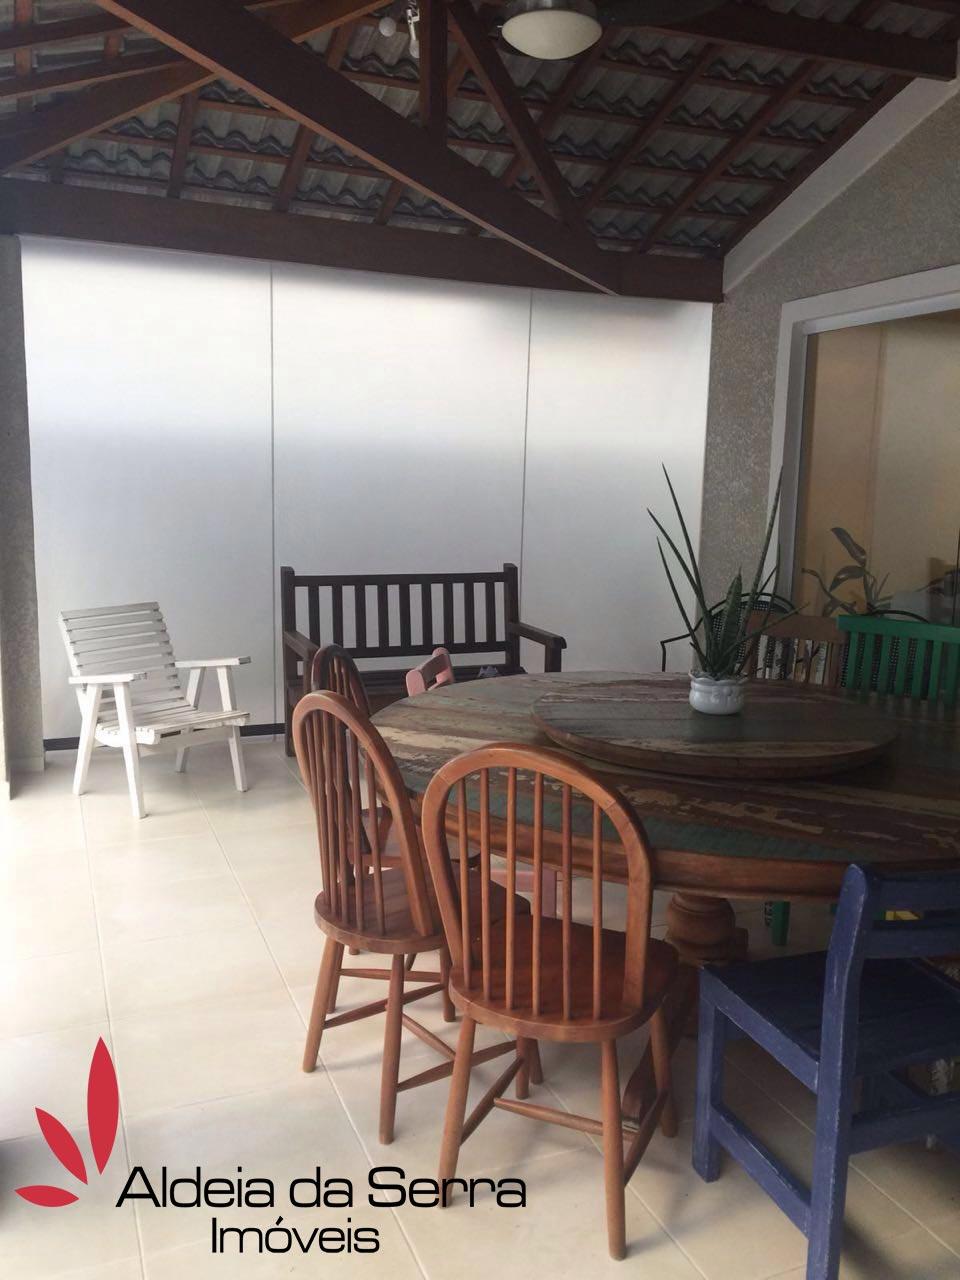 /admin/imoveis/fotos/Morada-das-flores-aldeia-da-serra-venda-jpg2595.jpg Aldeia da Serra Imoveis